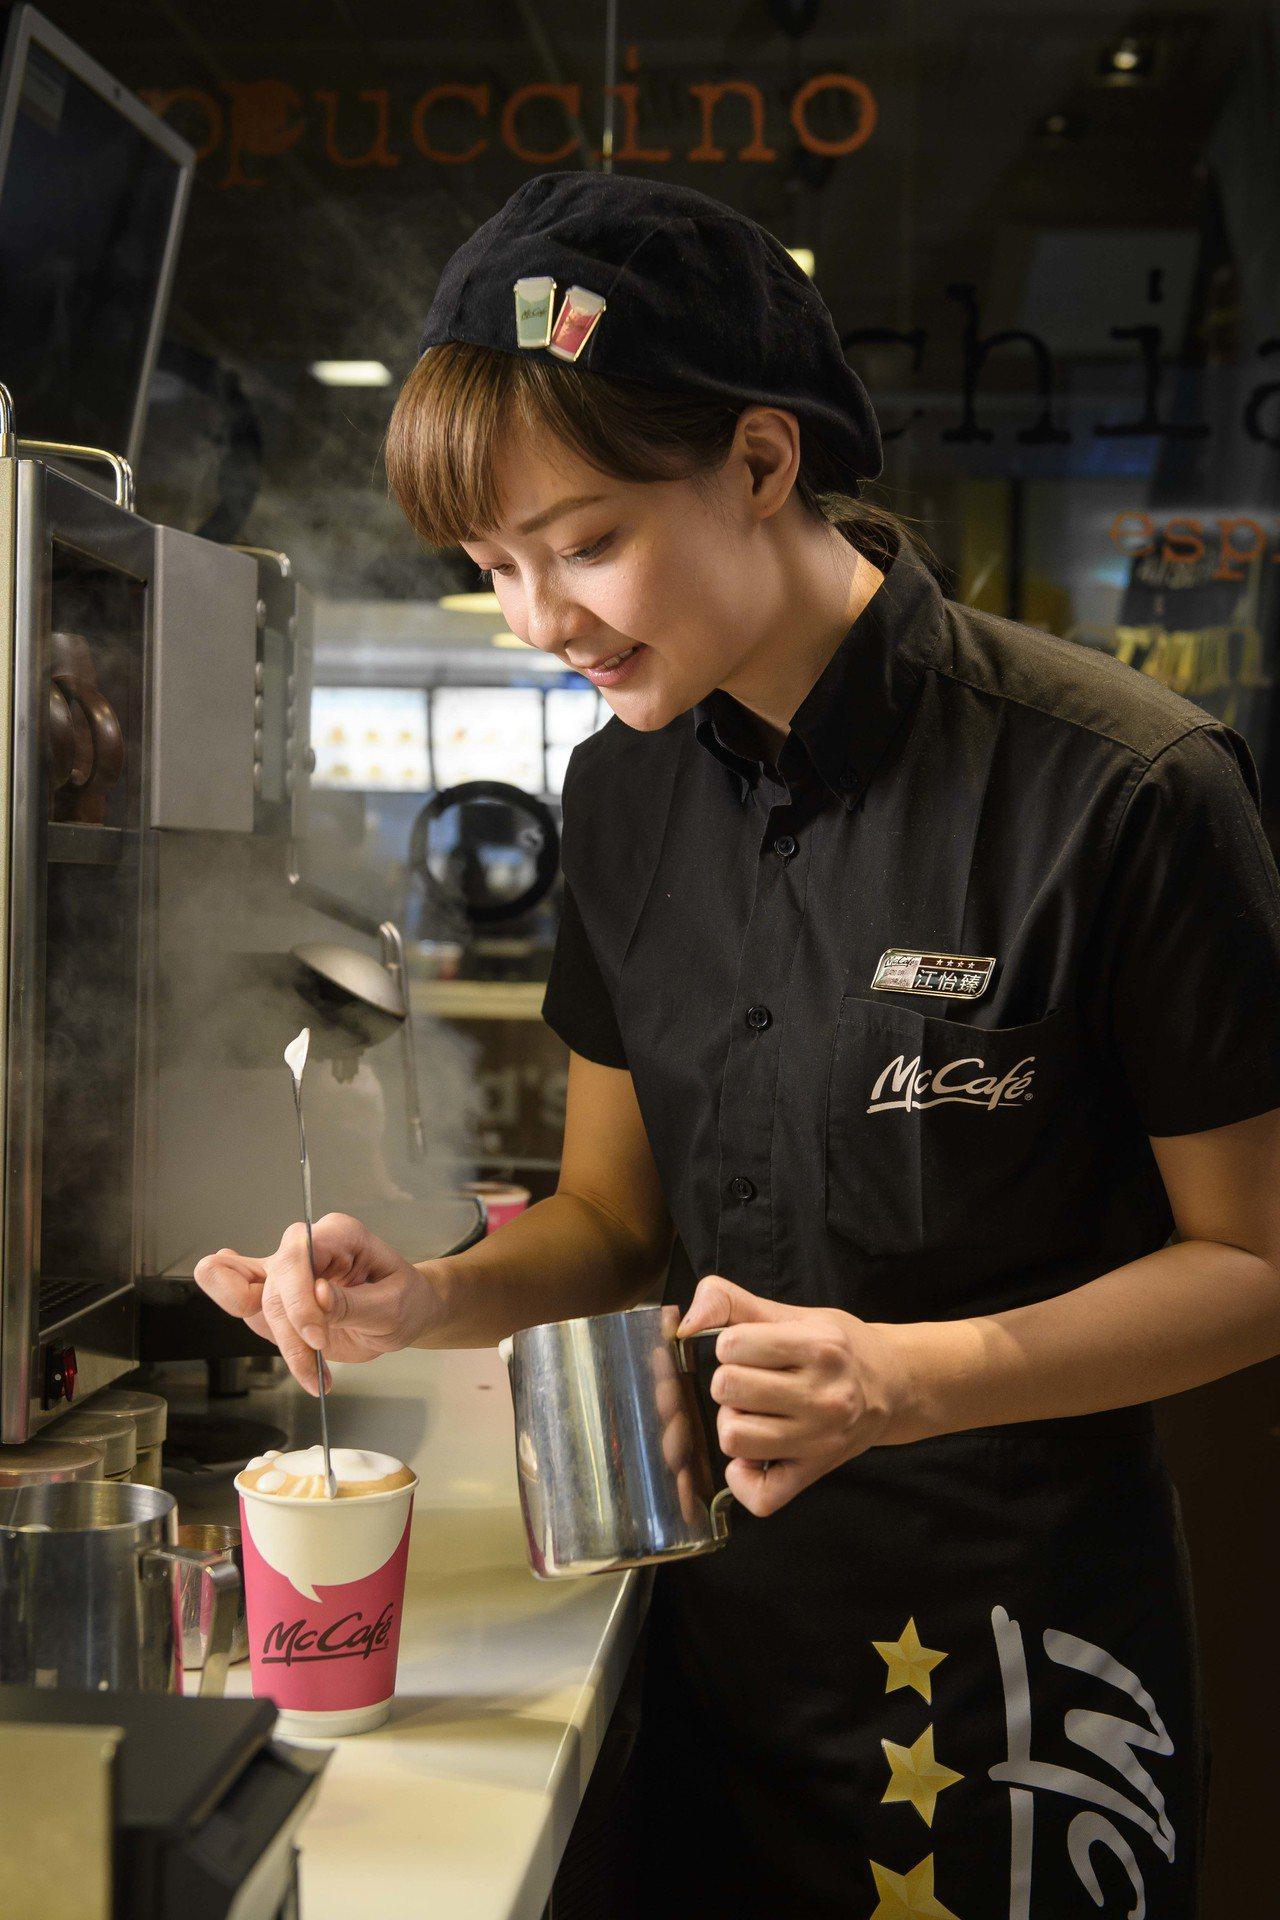 今年榮獲五星咖啡師的咖啡師江怡臻。圖/台灣麥當勞提供